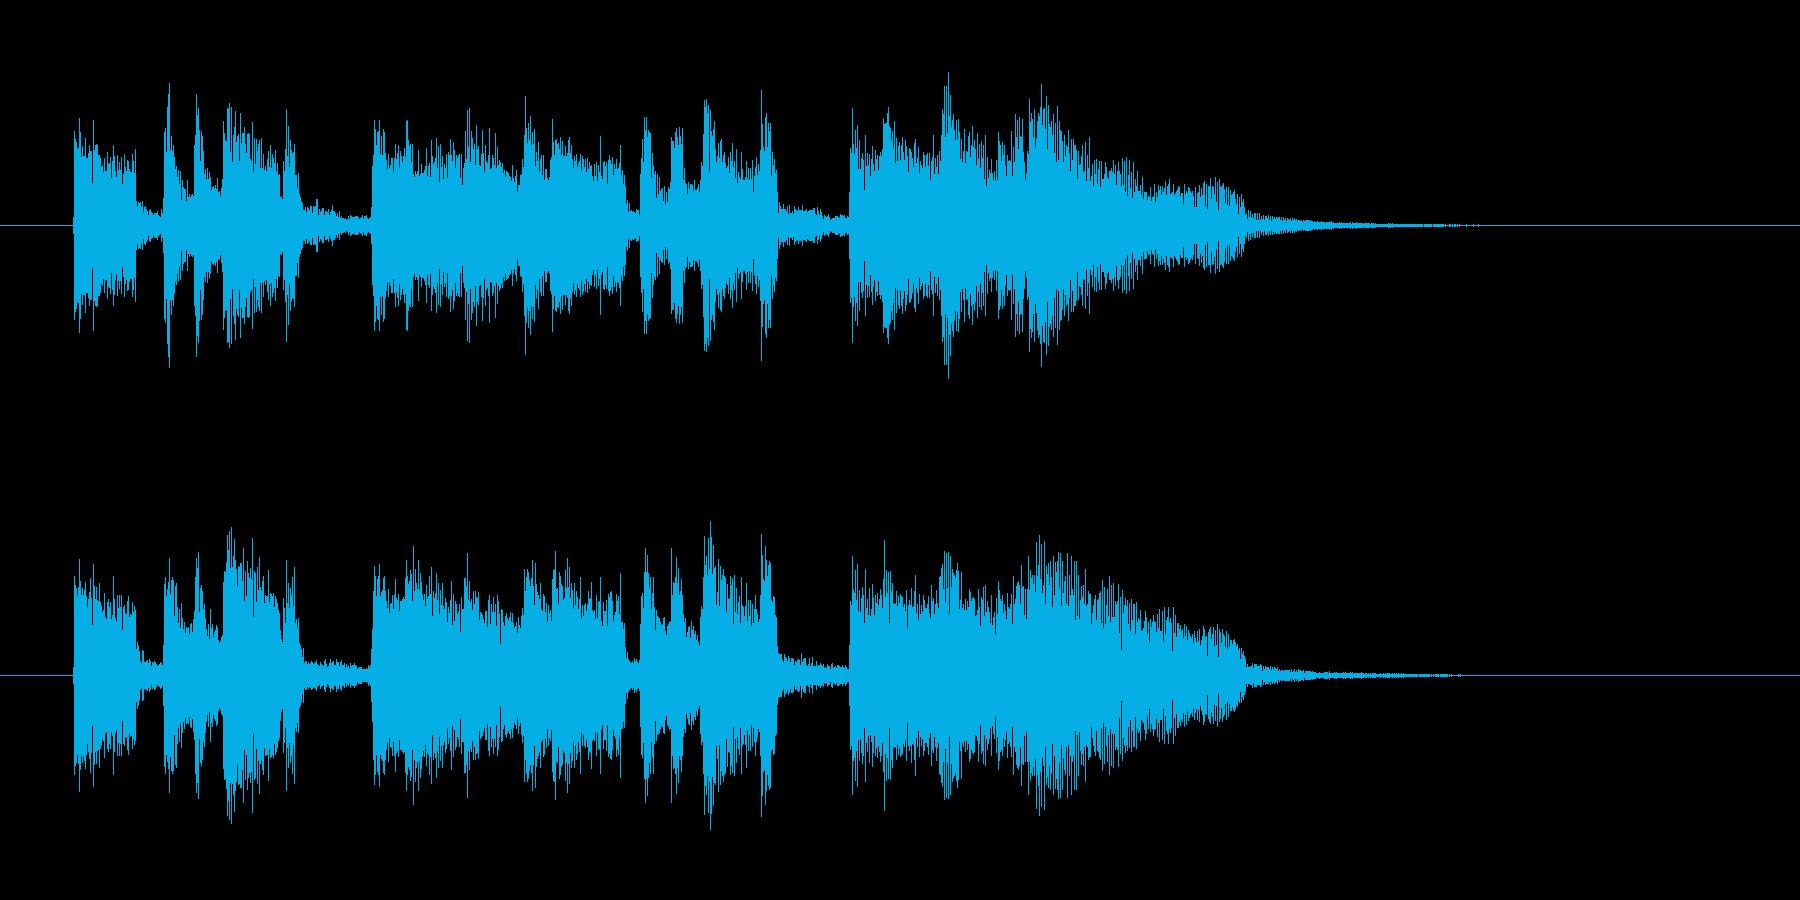 お洒落で滑らかな短めのジャズの曲の再生済みの波形